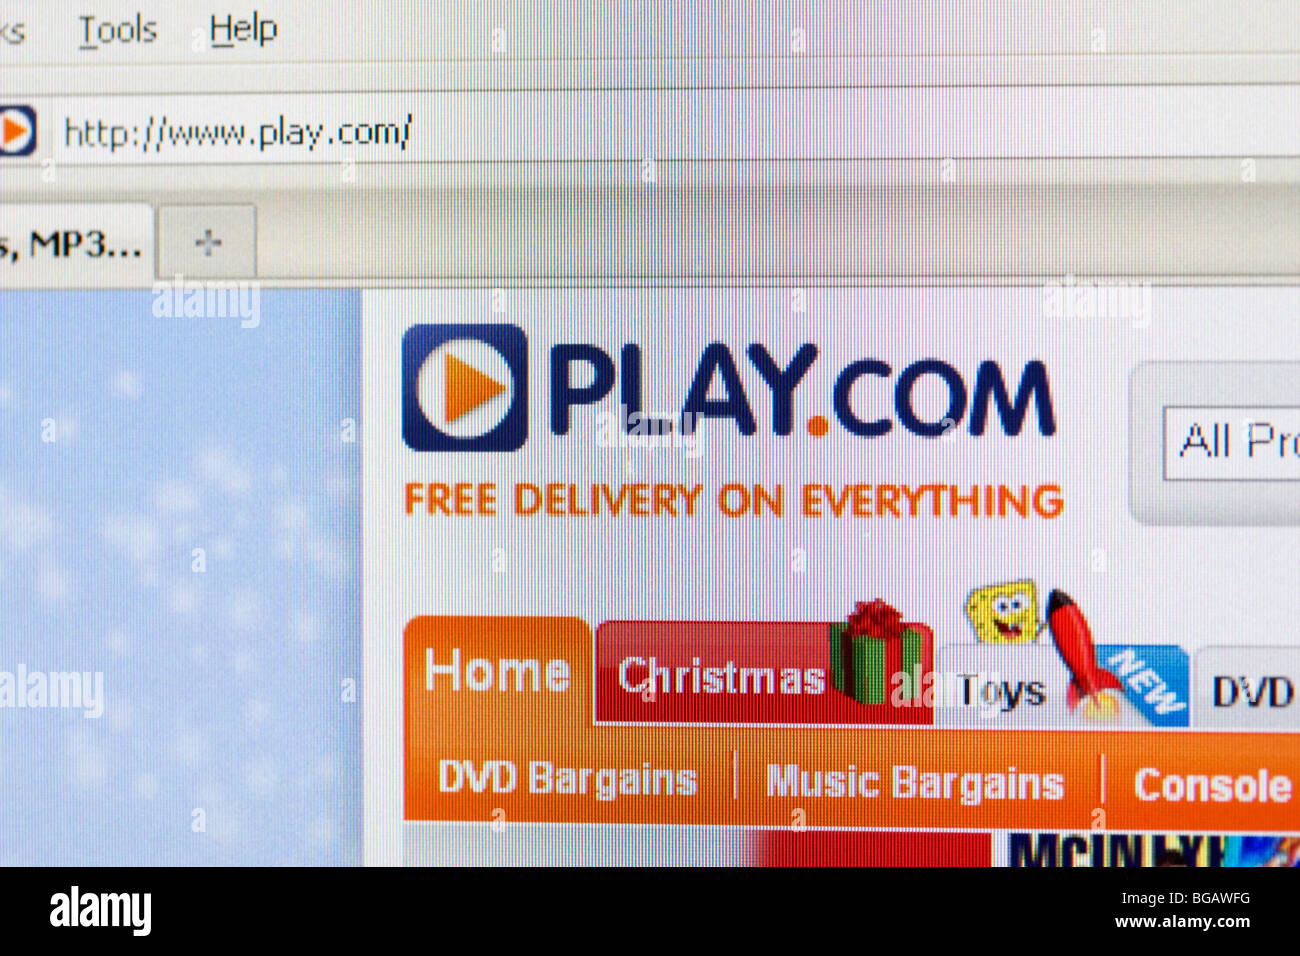 Capture d'écran de défunte play.com détaillant en ligne site montrant le logo de noël et Photo Stock